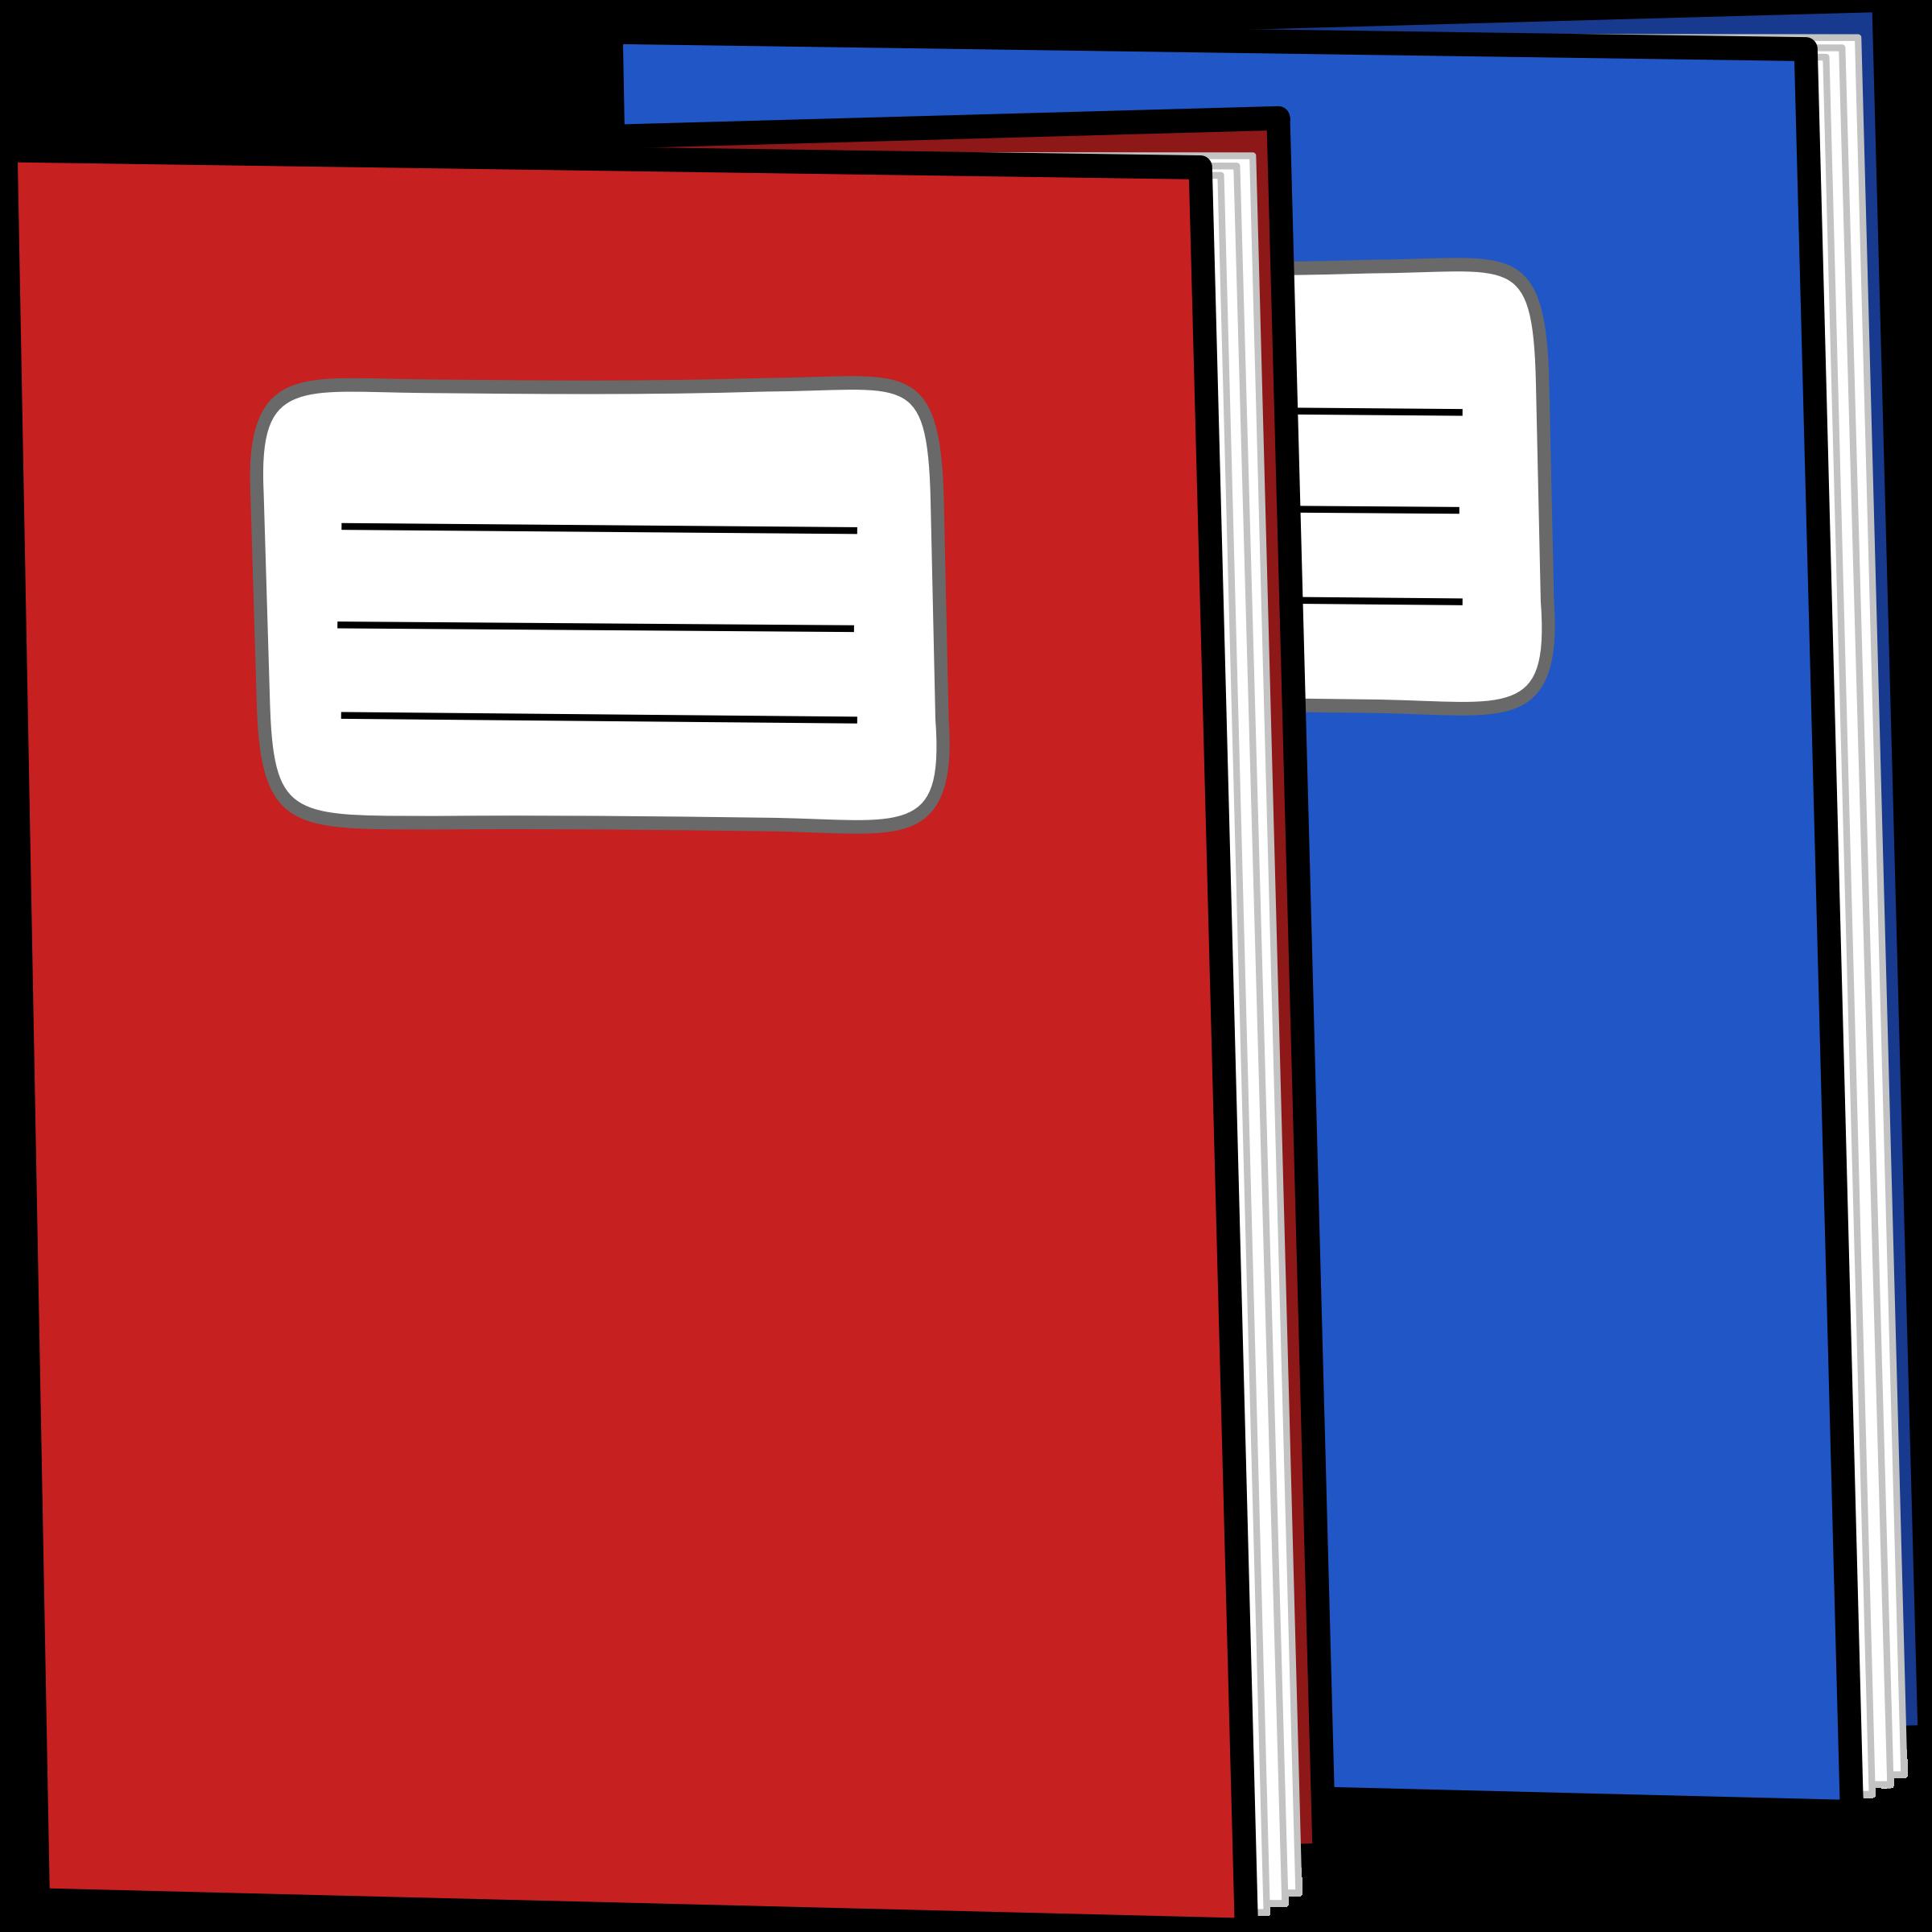 Register Clip Art.